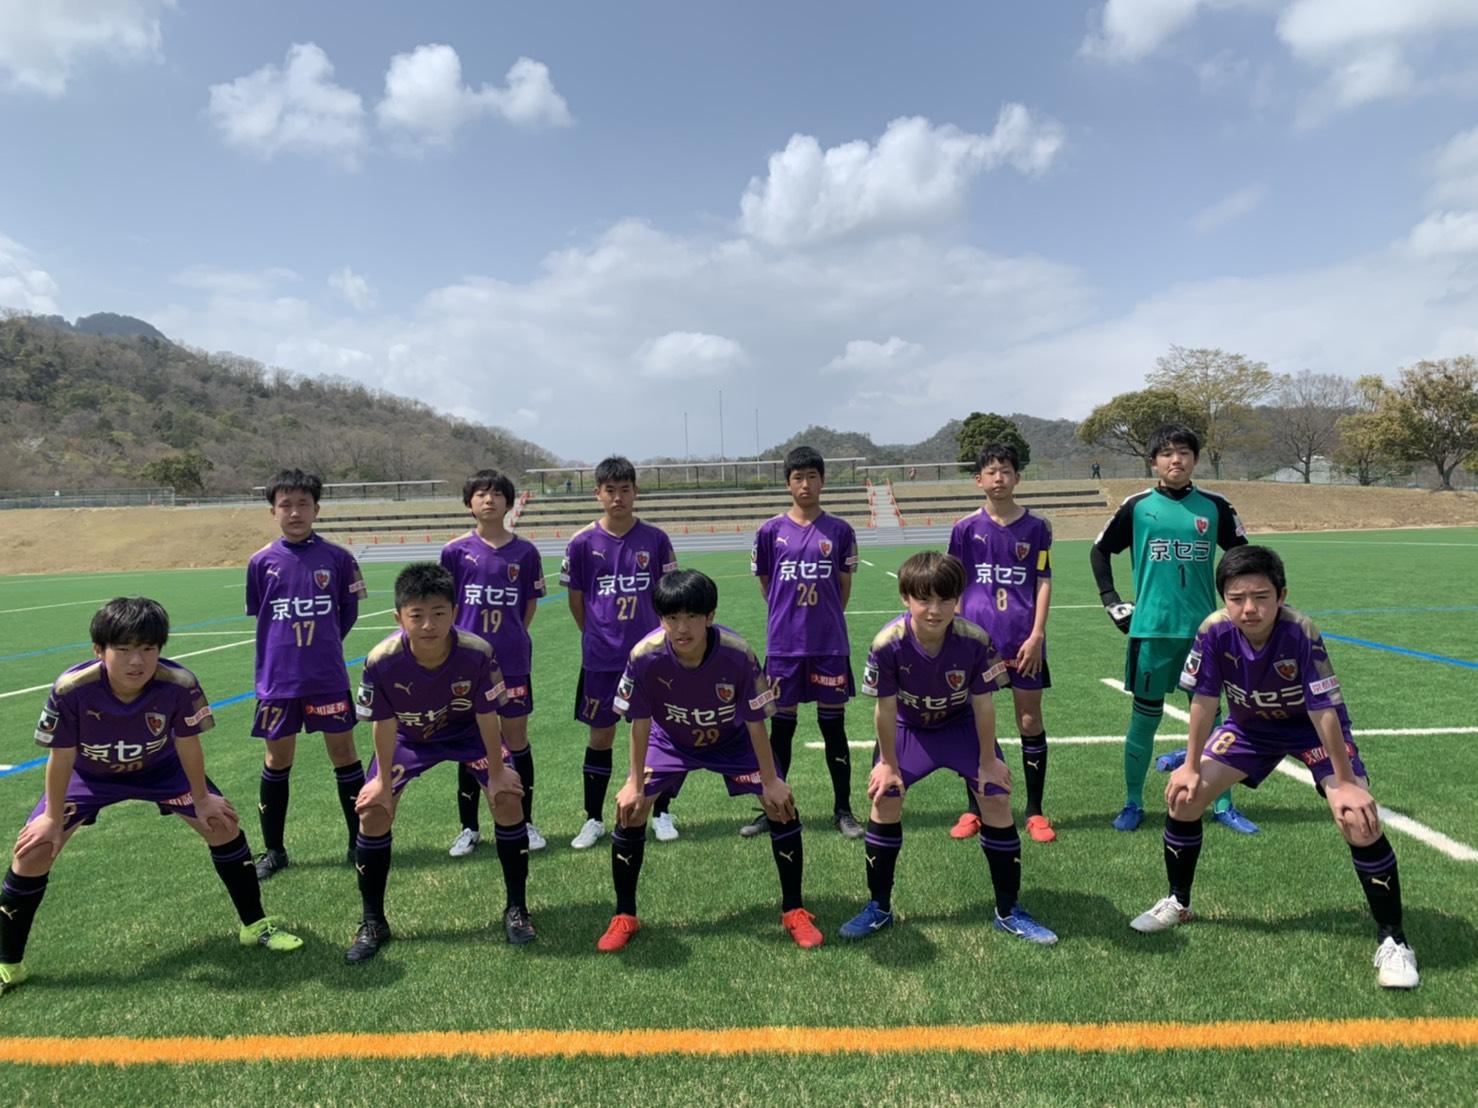 【U-15】高円宮杯JFA U-15サッカーリーグ滋賀2021 2部リーグ第7節